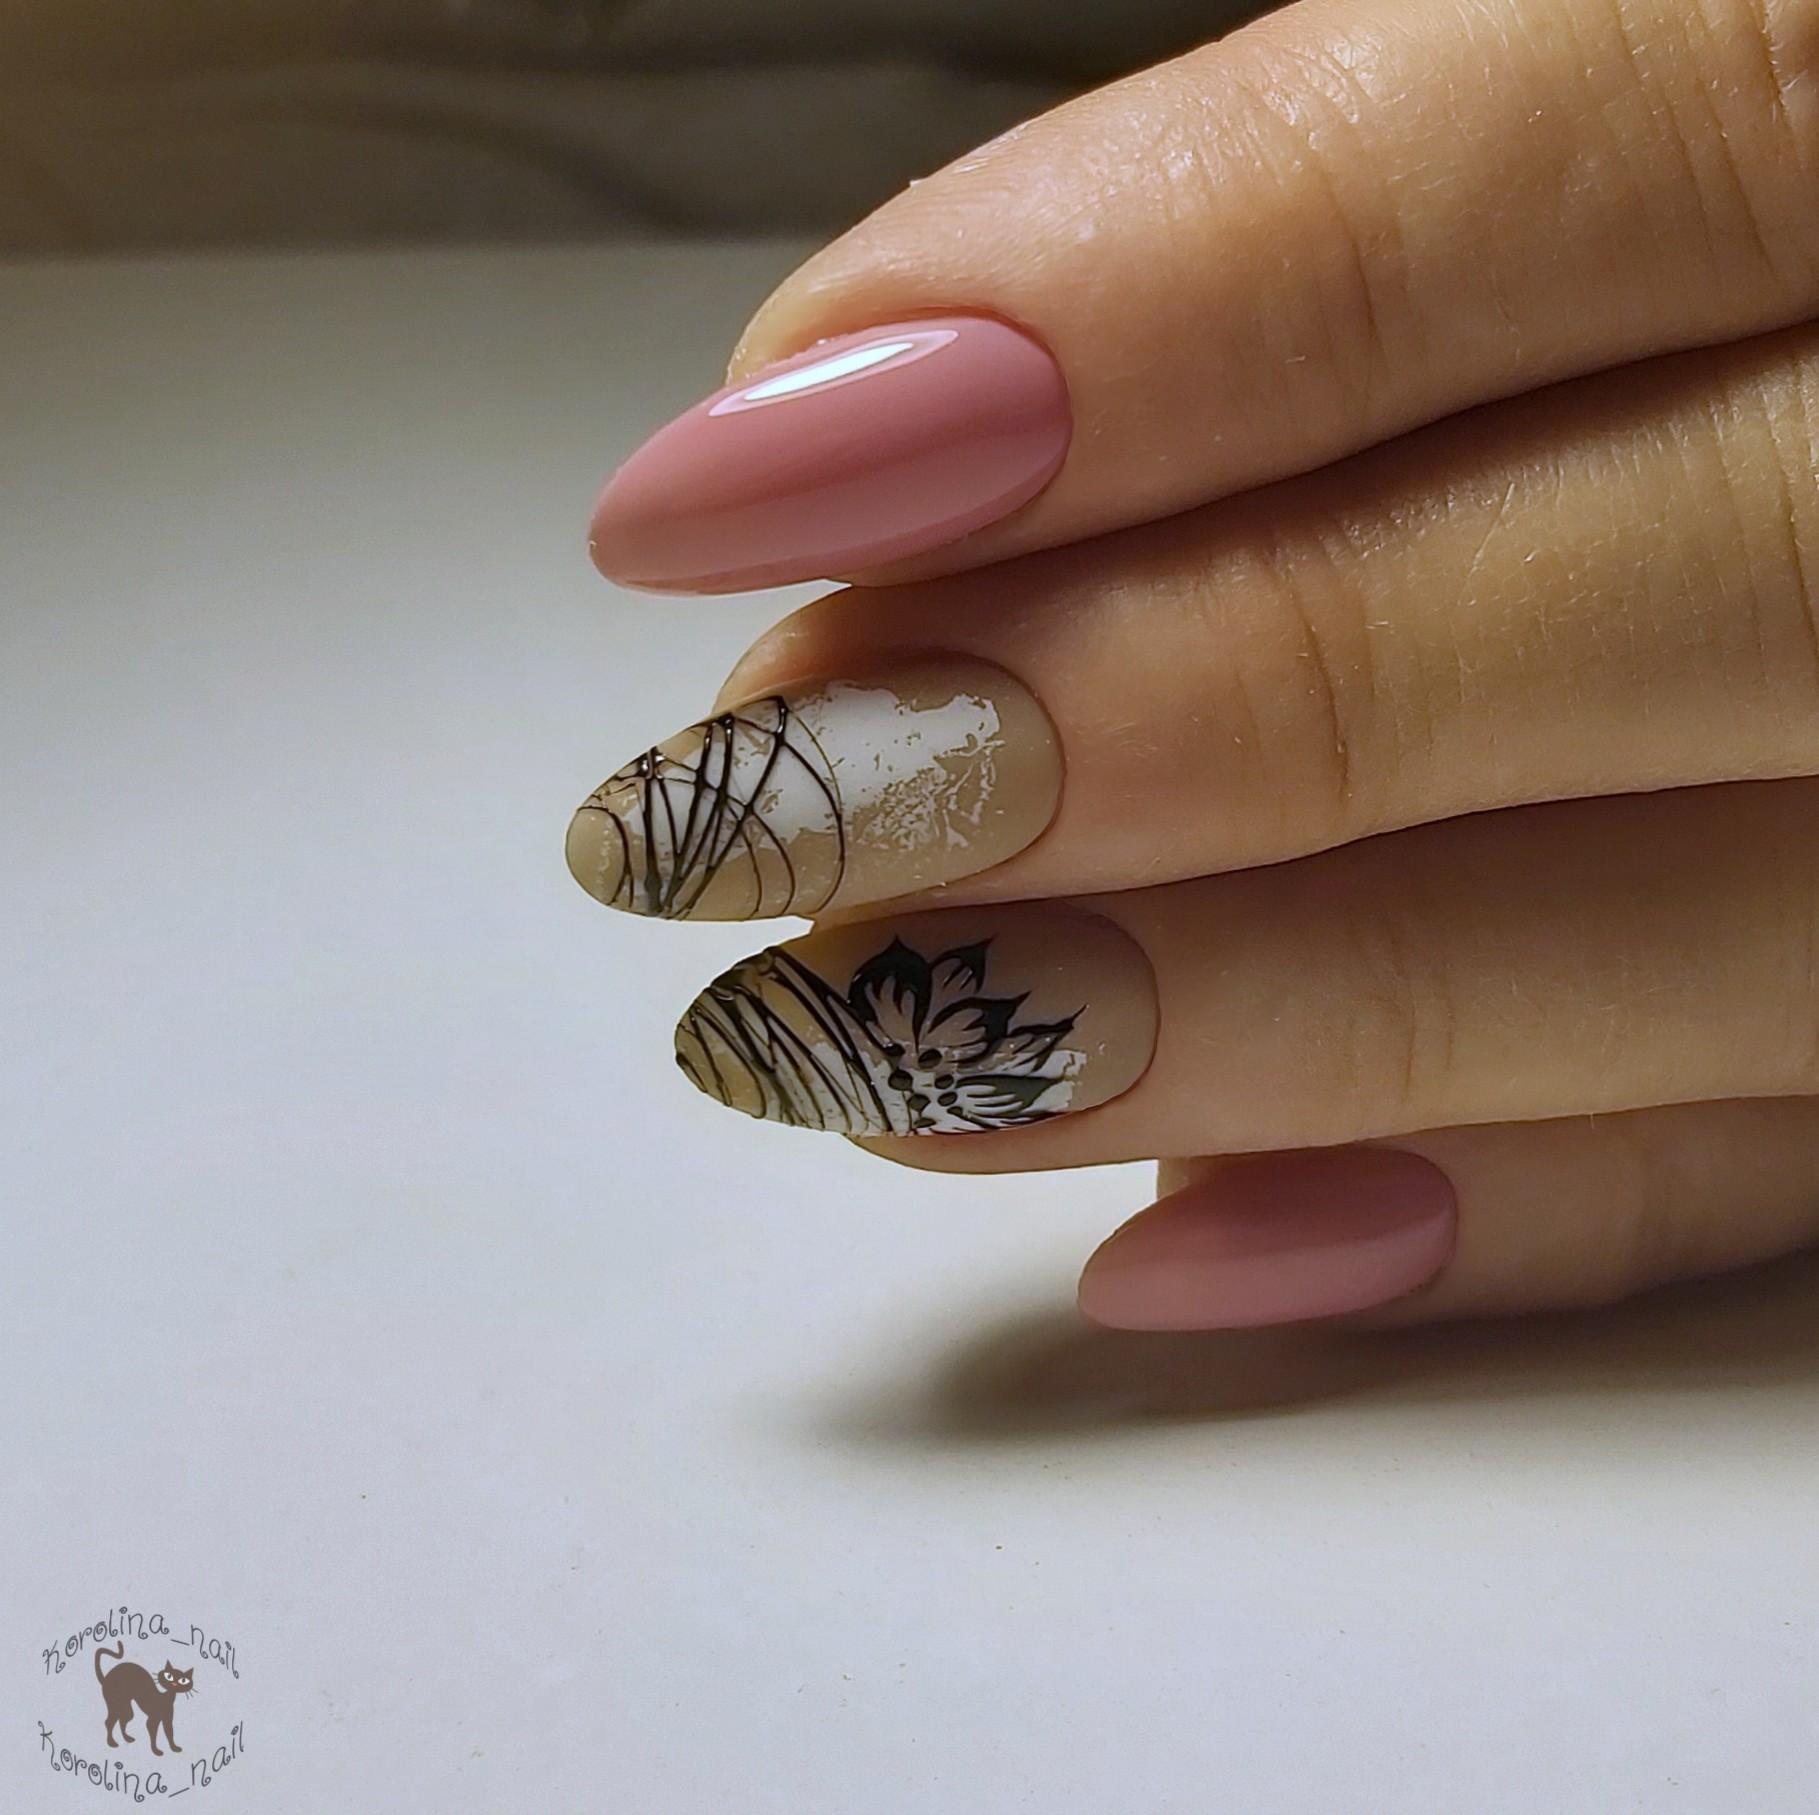 Маникюр с цветочным рисунком и паутинкой в розовом цвете на длинные ногти.